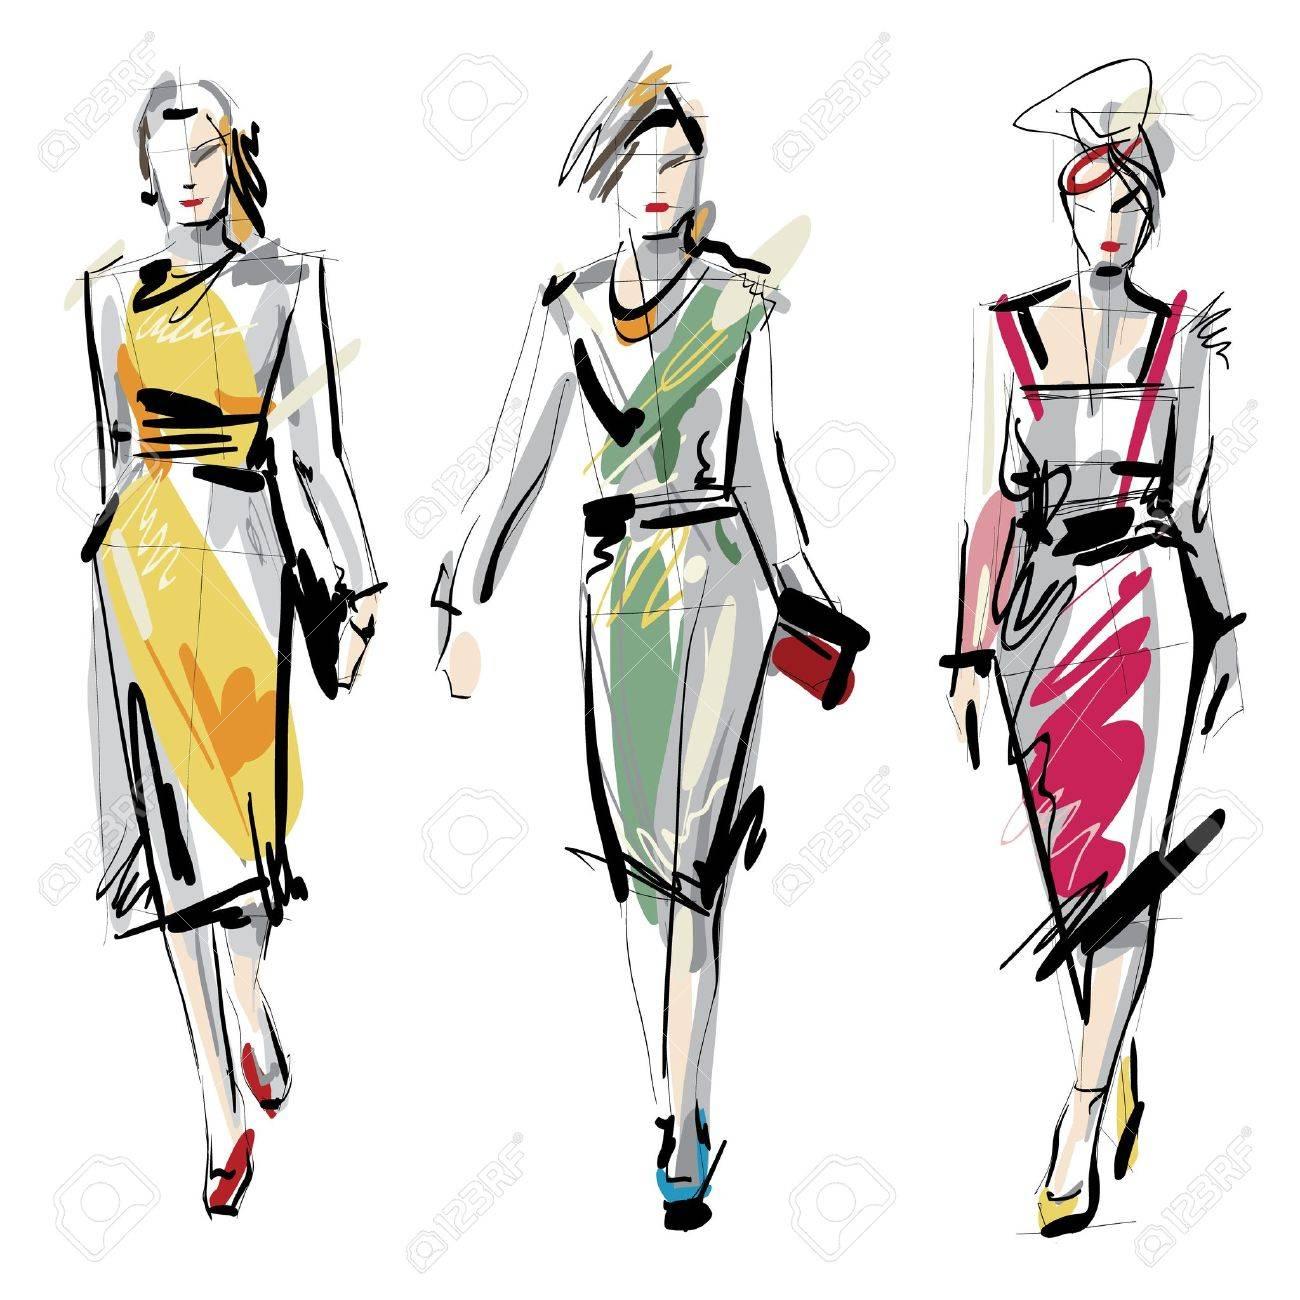 Fashion models Sketch - 18630893